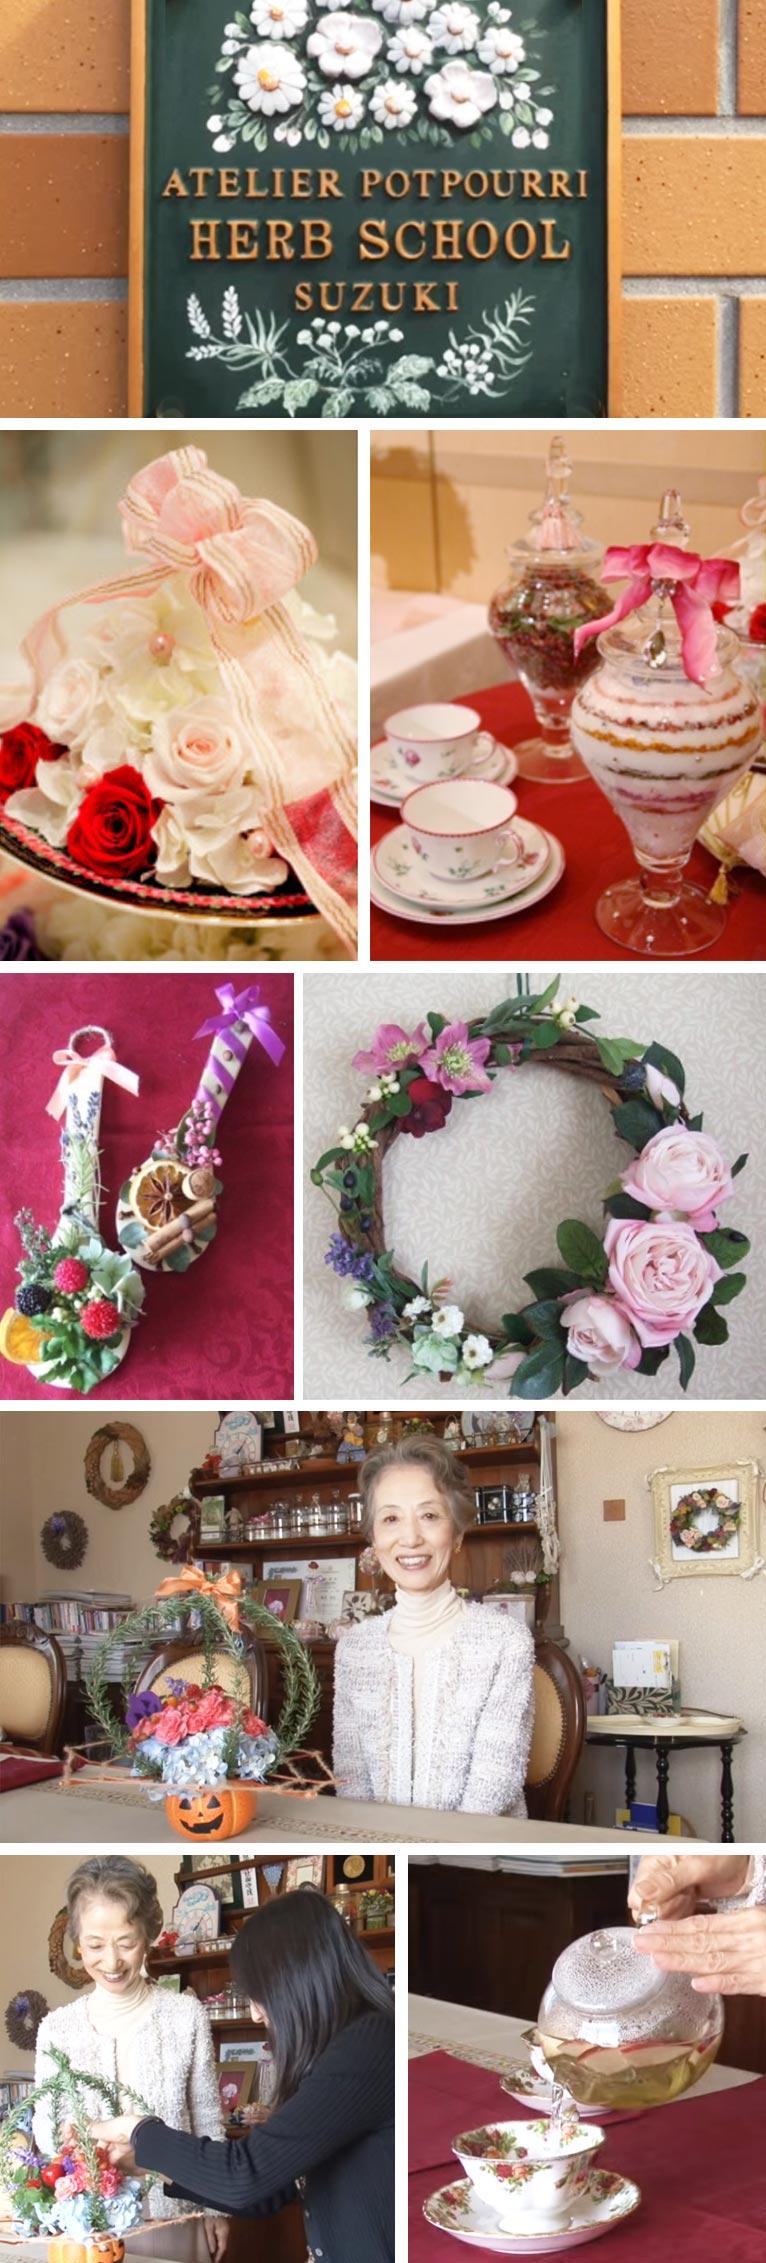 花とハーブのある暮らしアトリエポプリハーブスクール 鈴木 良江 紹介ページ